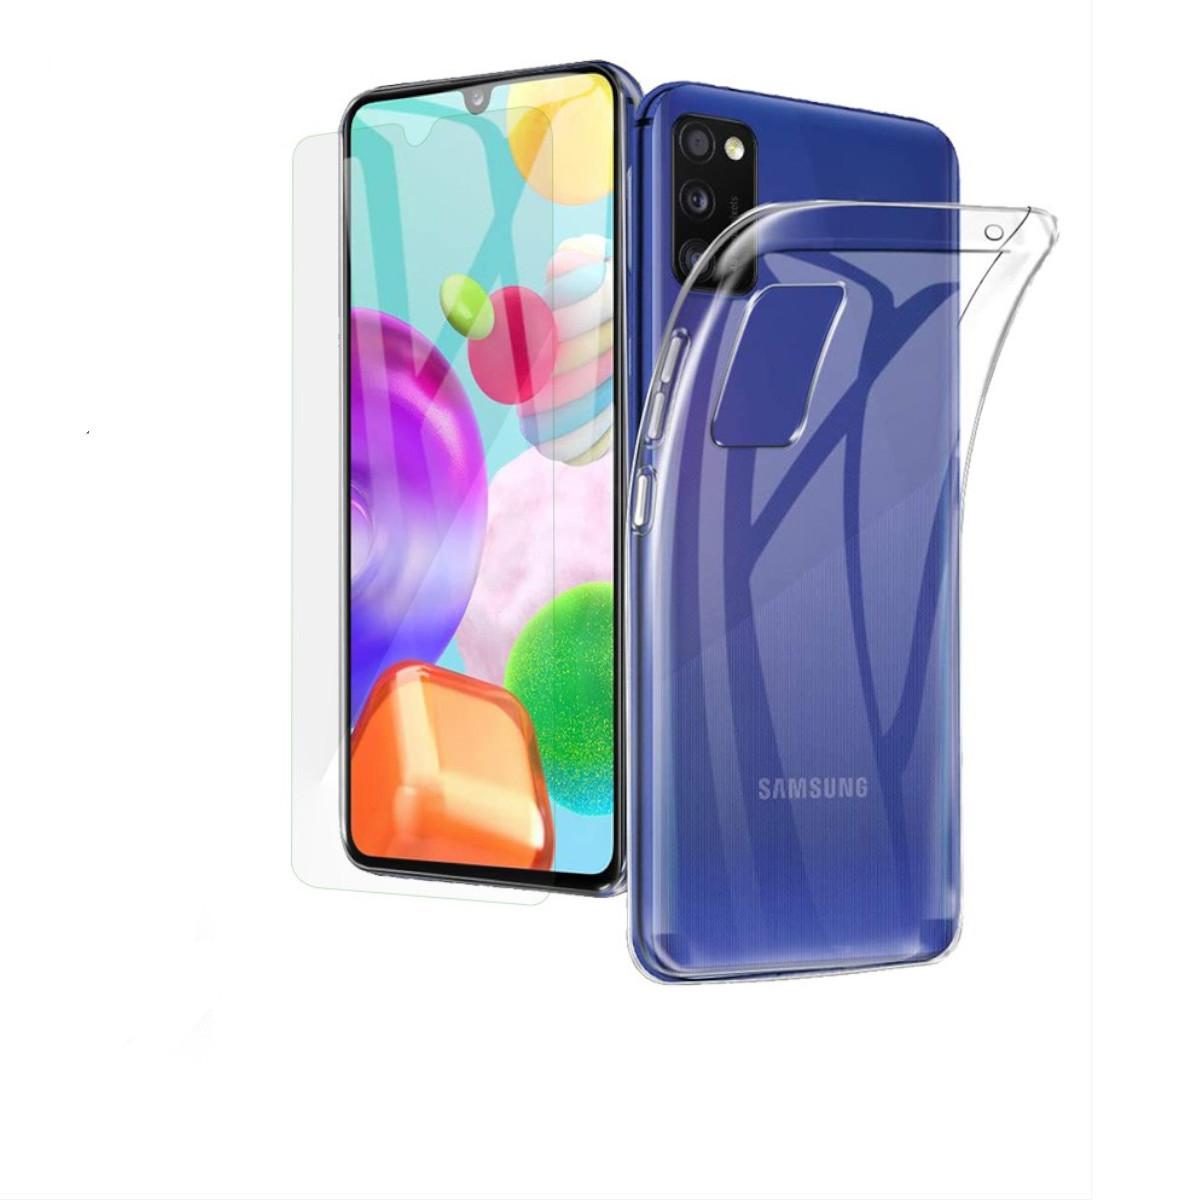 Coque Silicone pour Samsung A41 Etui de Protection Transparent Antichoc + Verre Trempe Little Boutik®